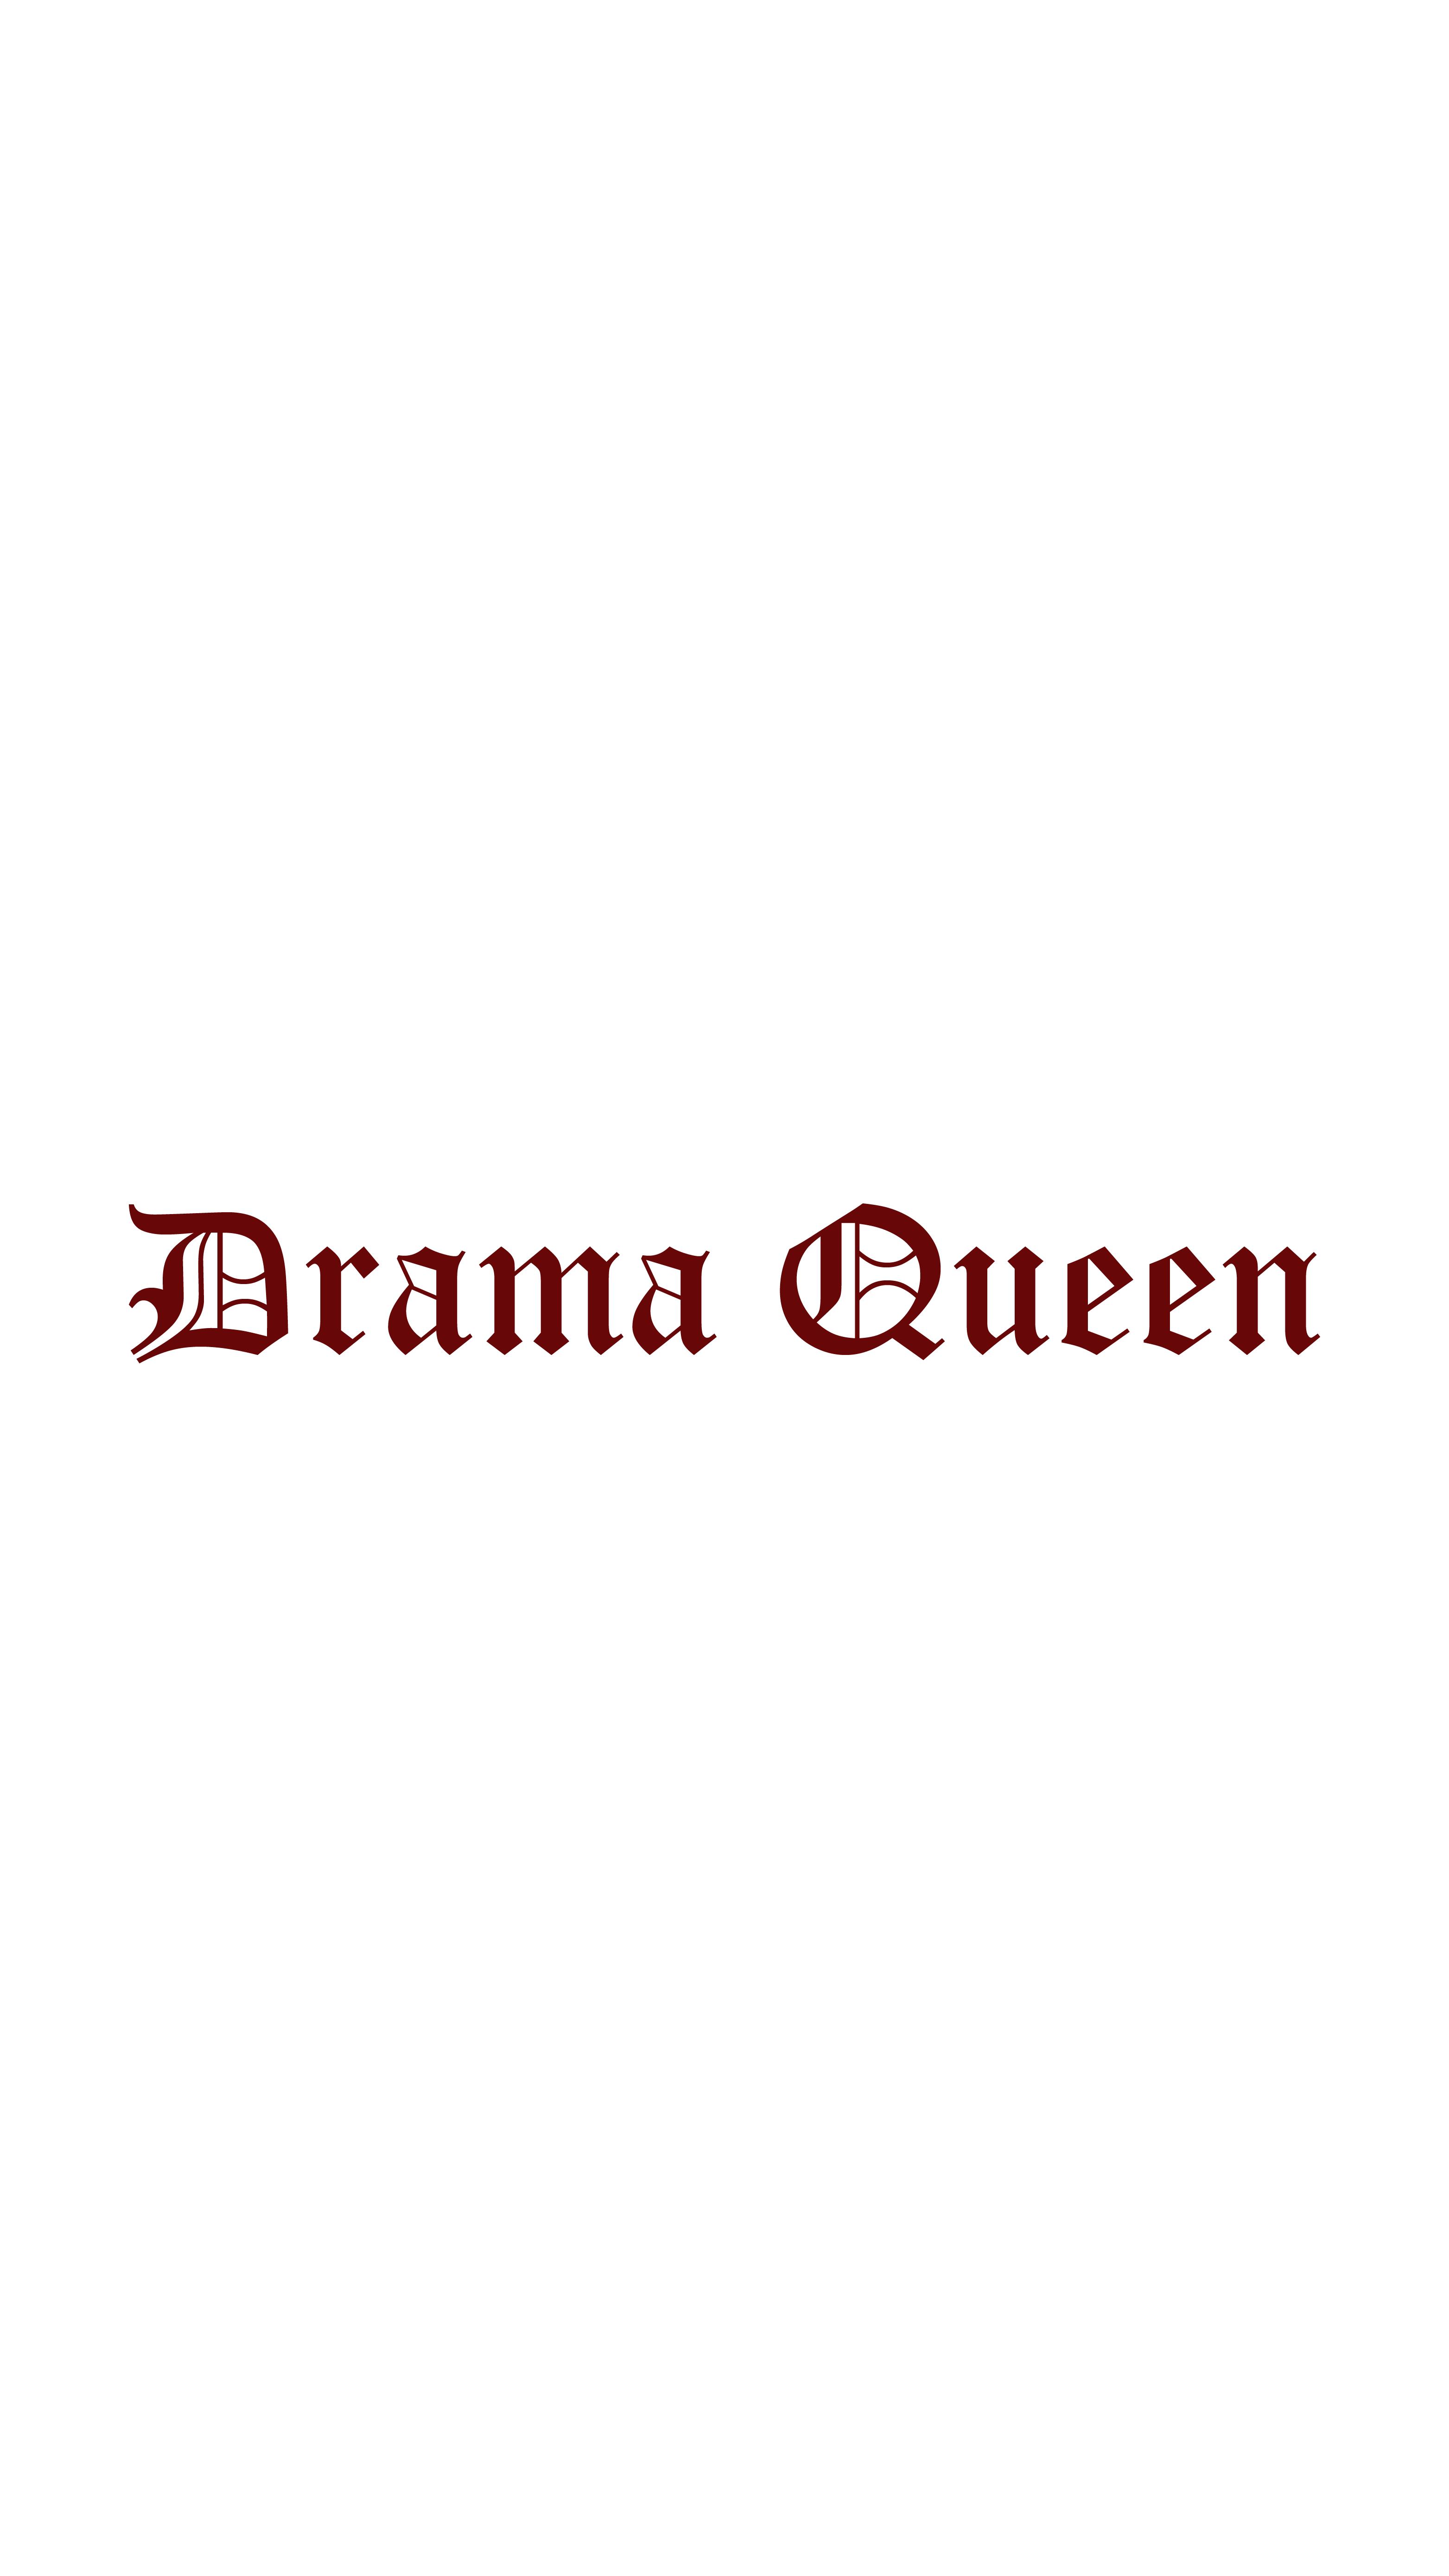 Drama Queen Wallpaper By Flor De Puta My Wallpapers En